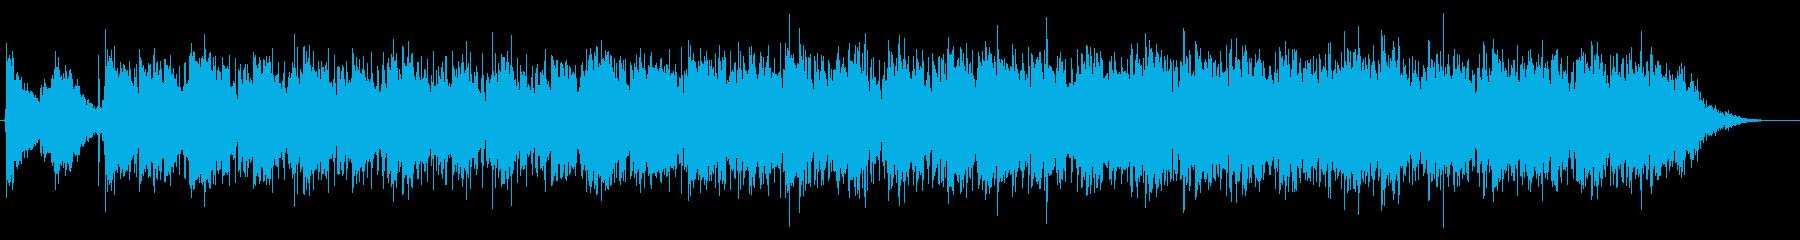 フレンチポップなトランペットインストの再生済みの波形